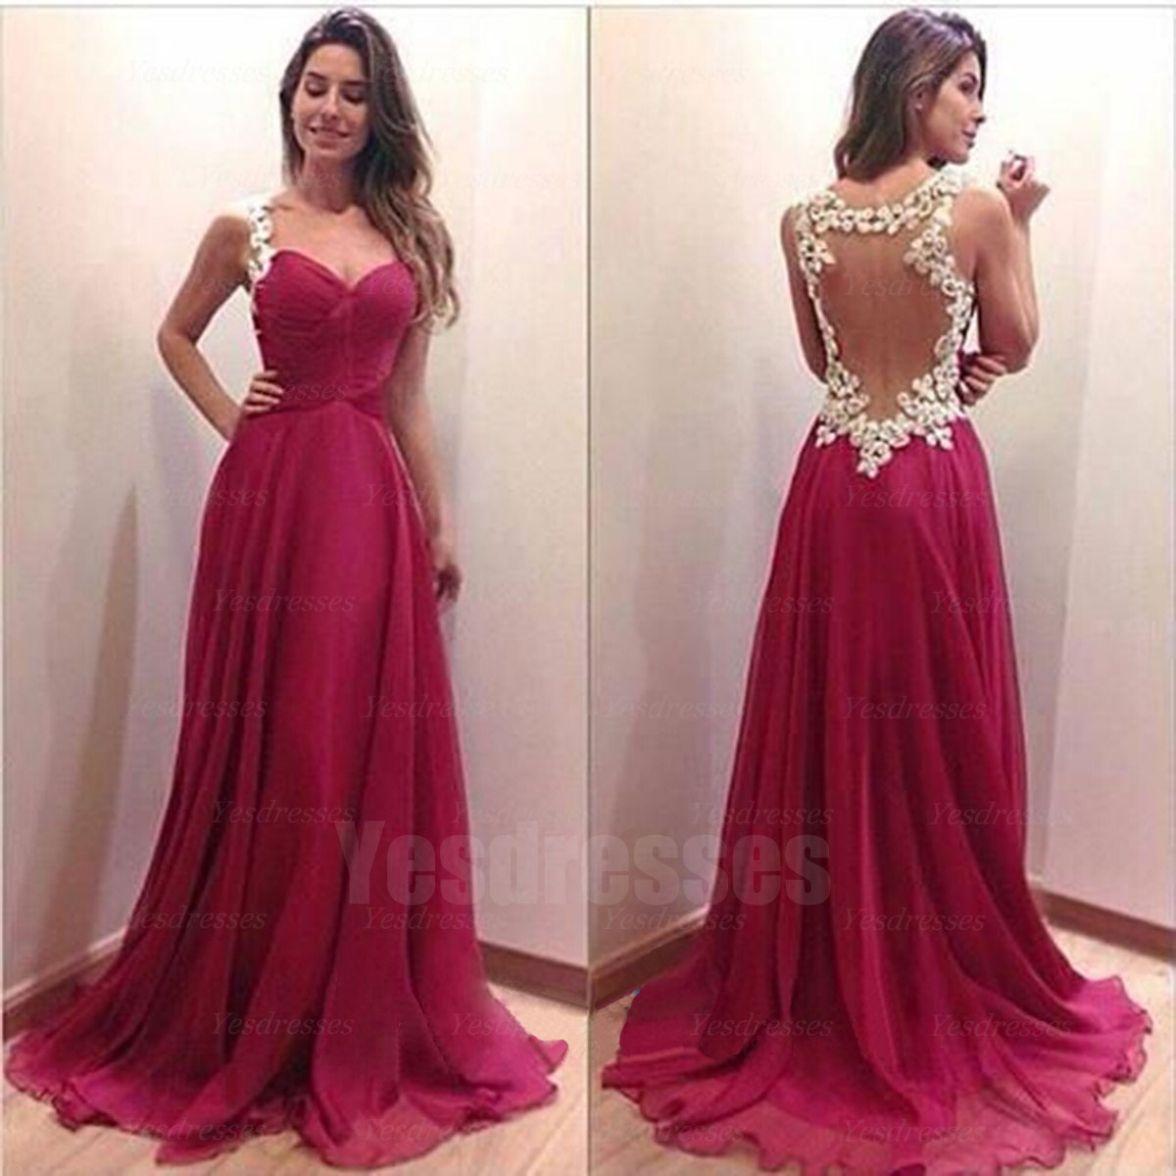 Prom dress formal dress long dress off shoulder dress backless